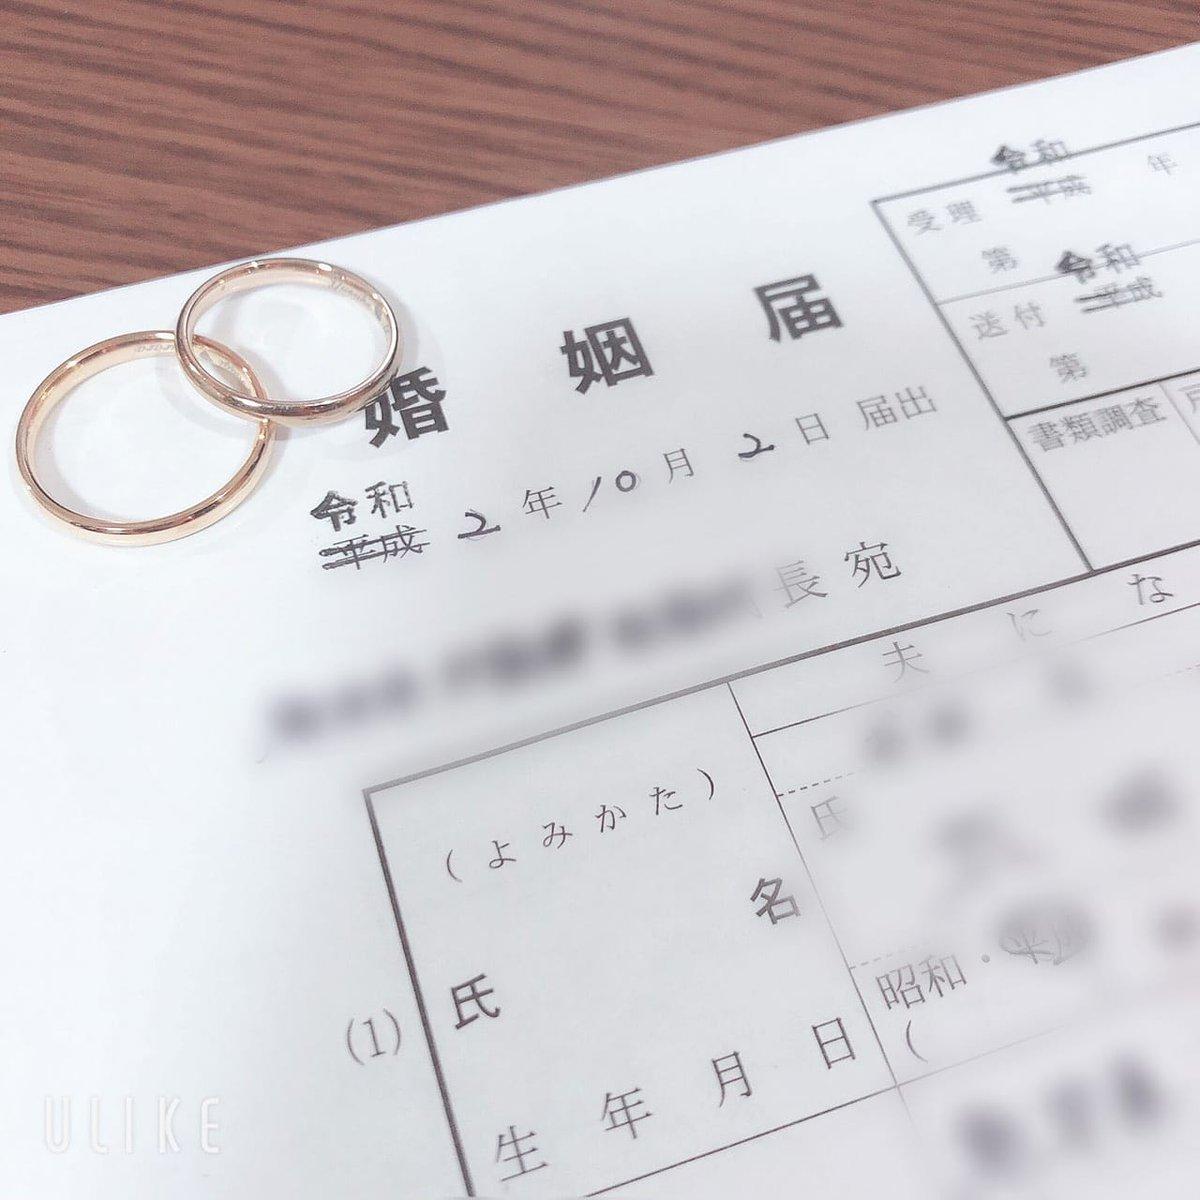 結婚しました。今後ともよろしくお願い致します。